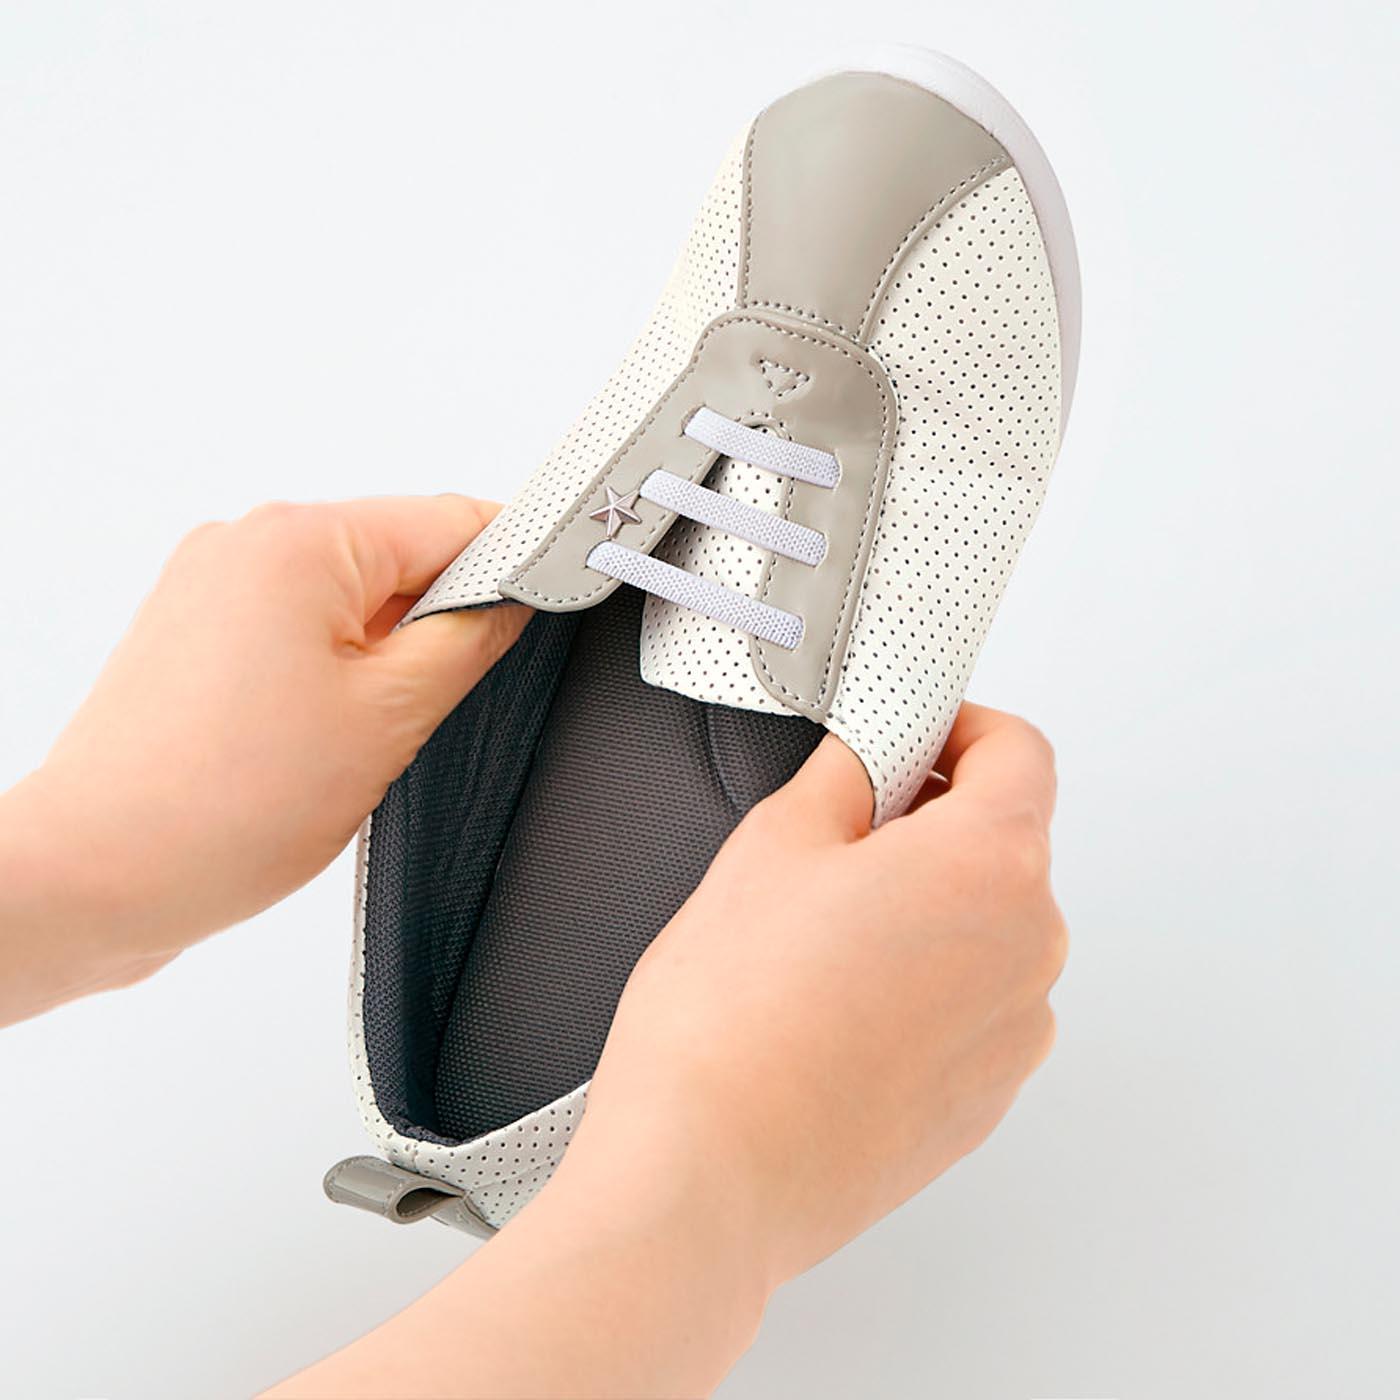 ※お届けするカラーとは異なります。 伸縮性のあるゴムひもで脱ぎ履きもスムーズ。スッと履けます。